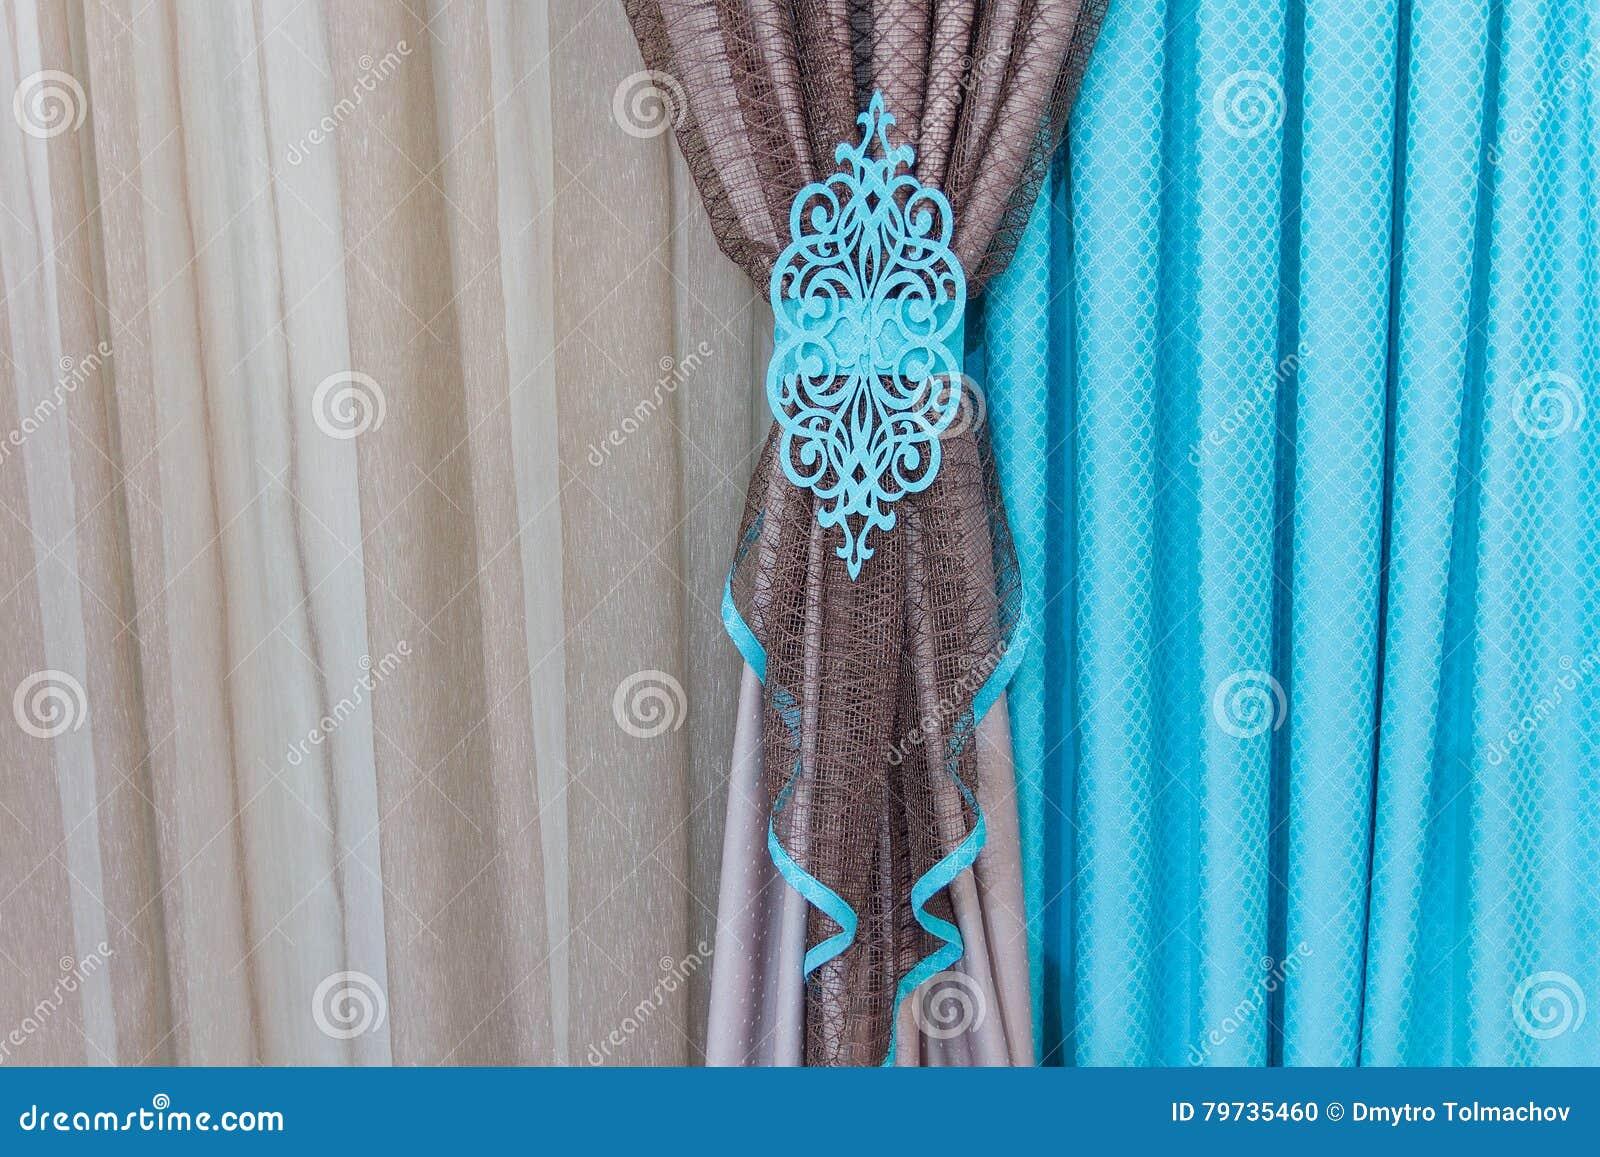 Beaux Rideaux Dans Le Style Oriental Photo stock - Image du hôtel ...